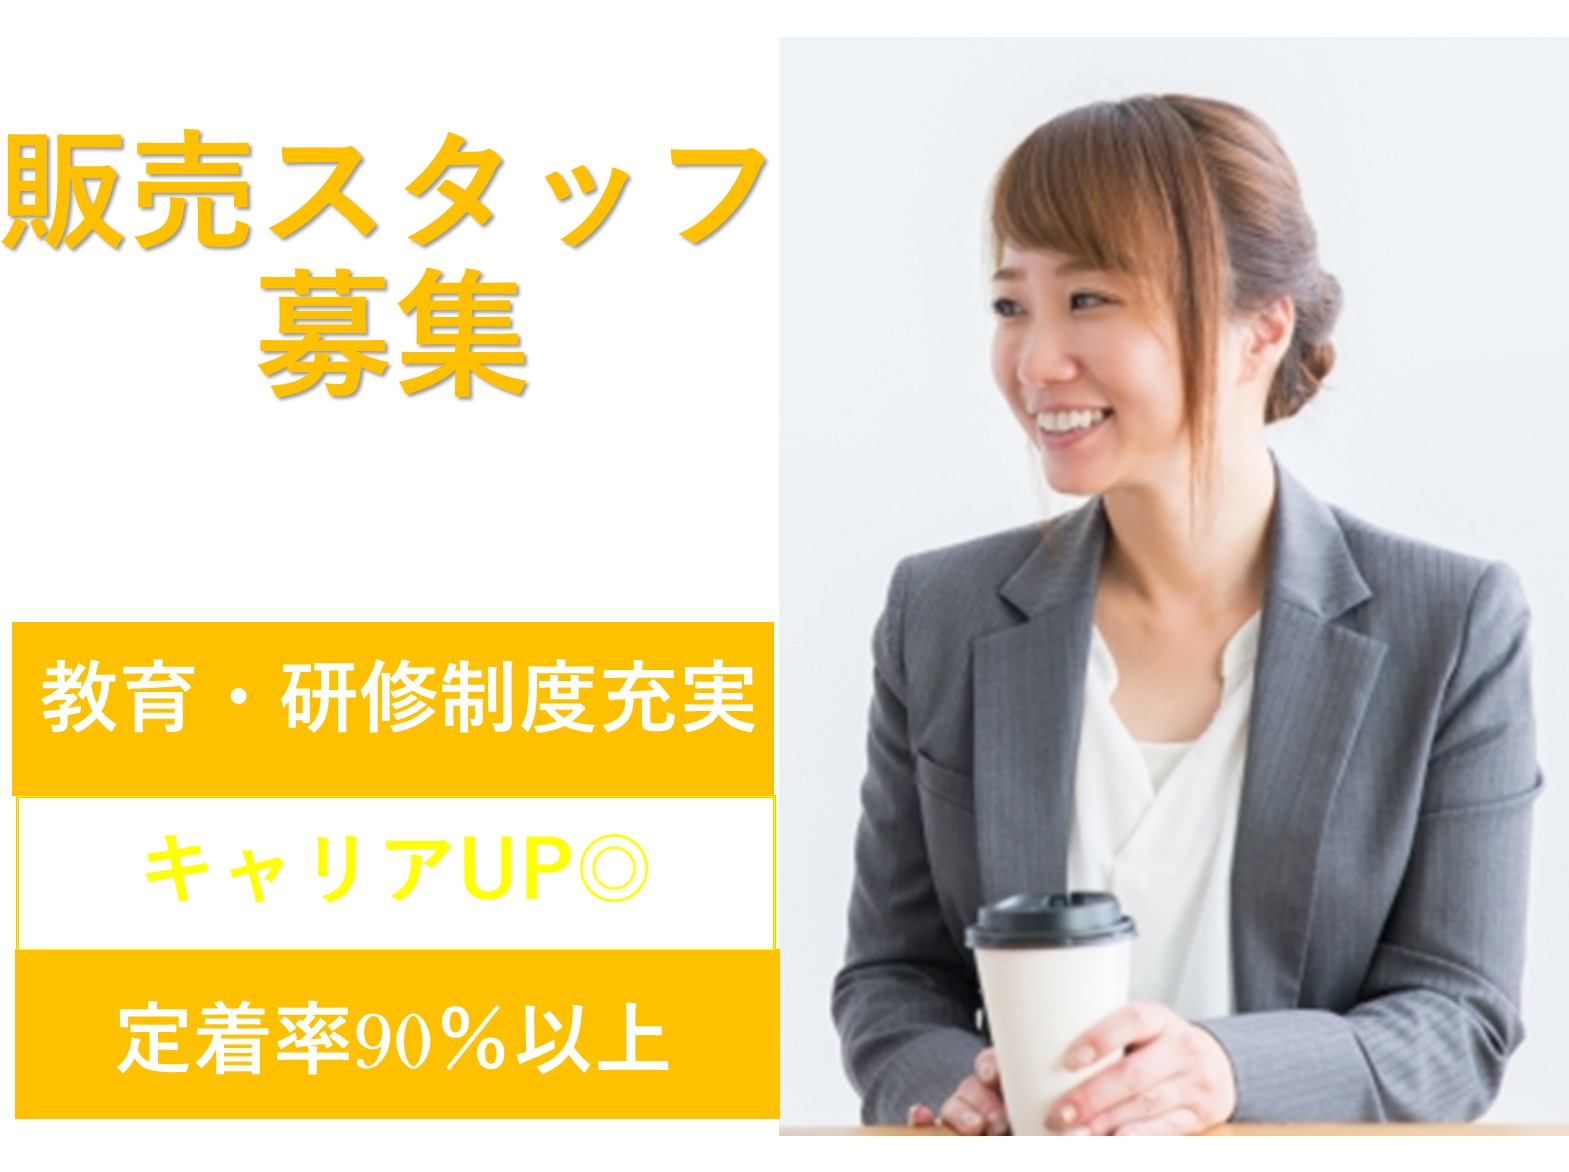 急募【正社員】経験と個性を活かす!将来はコンサルタントに★販売スタッフ イメージ